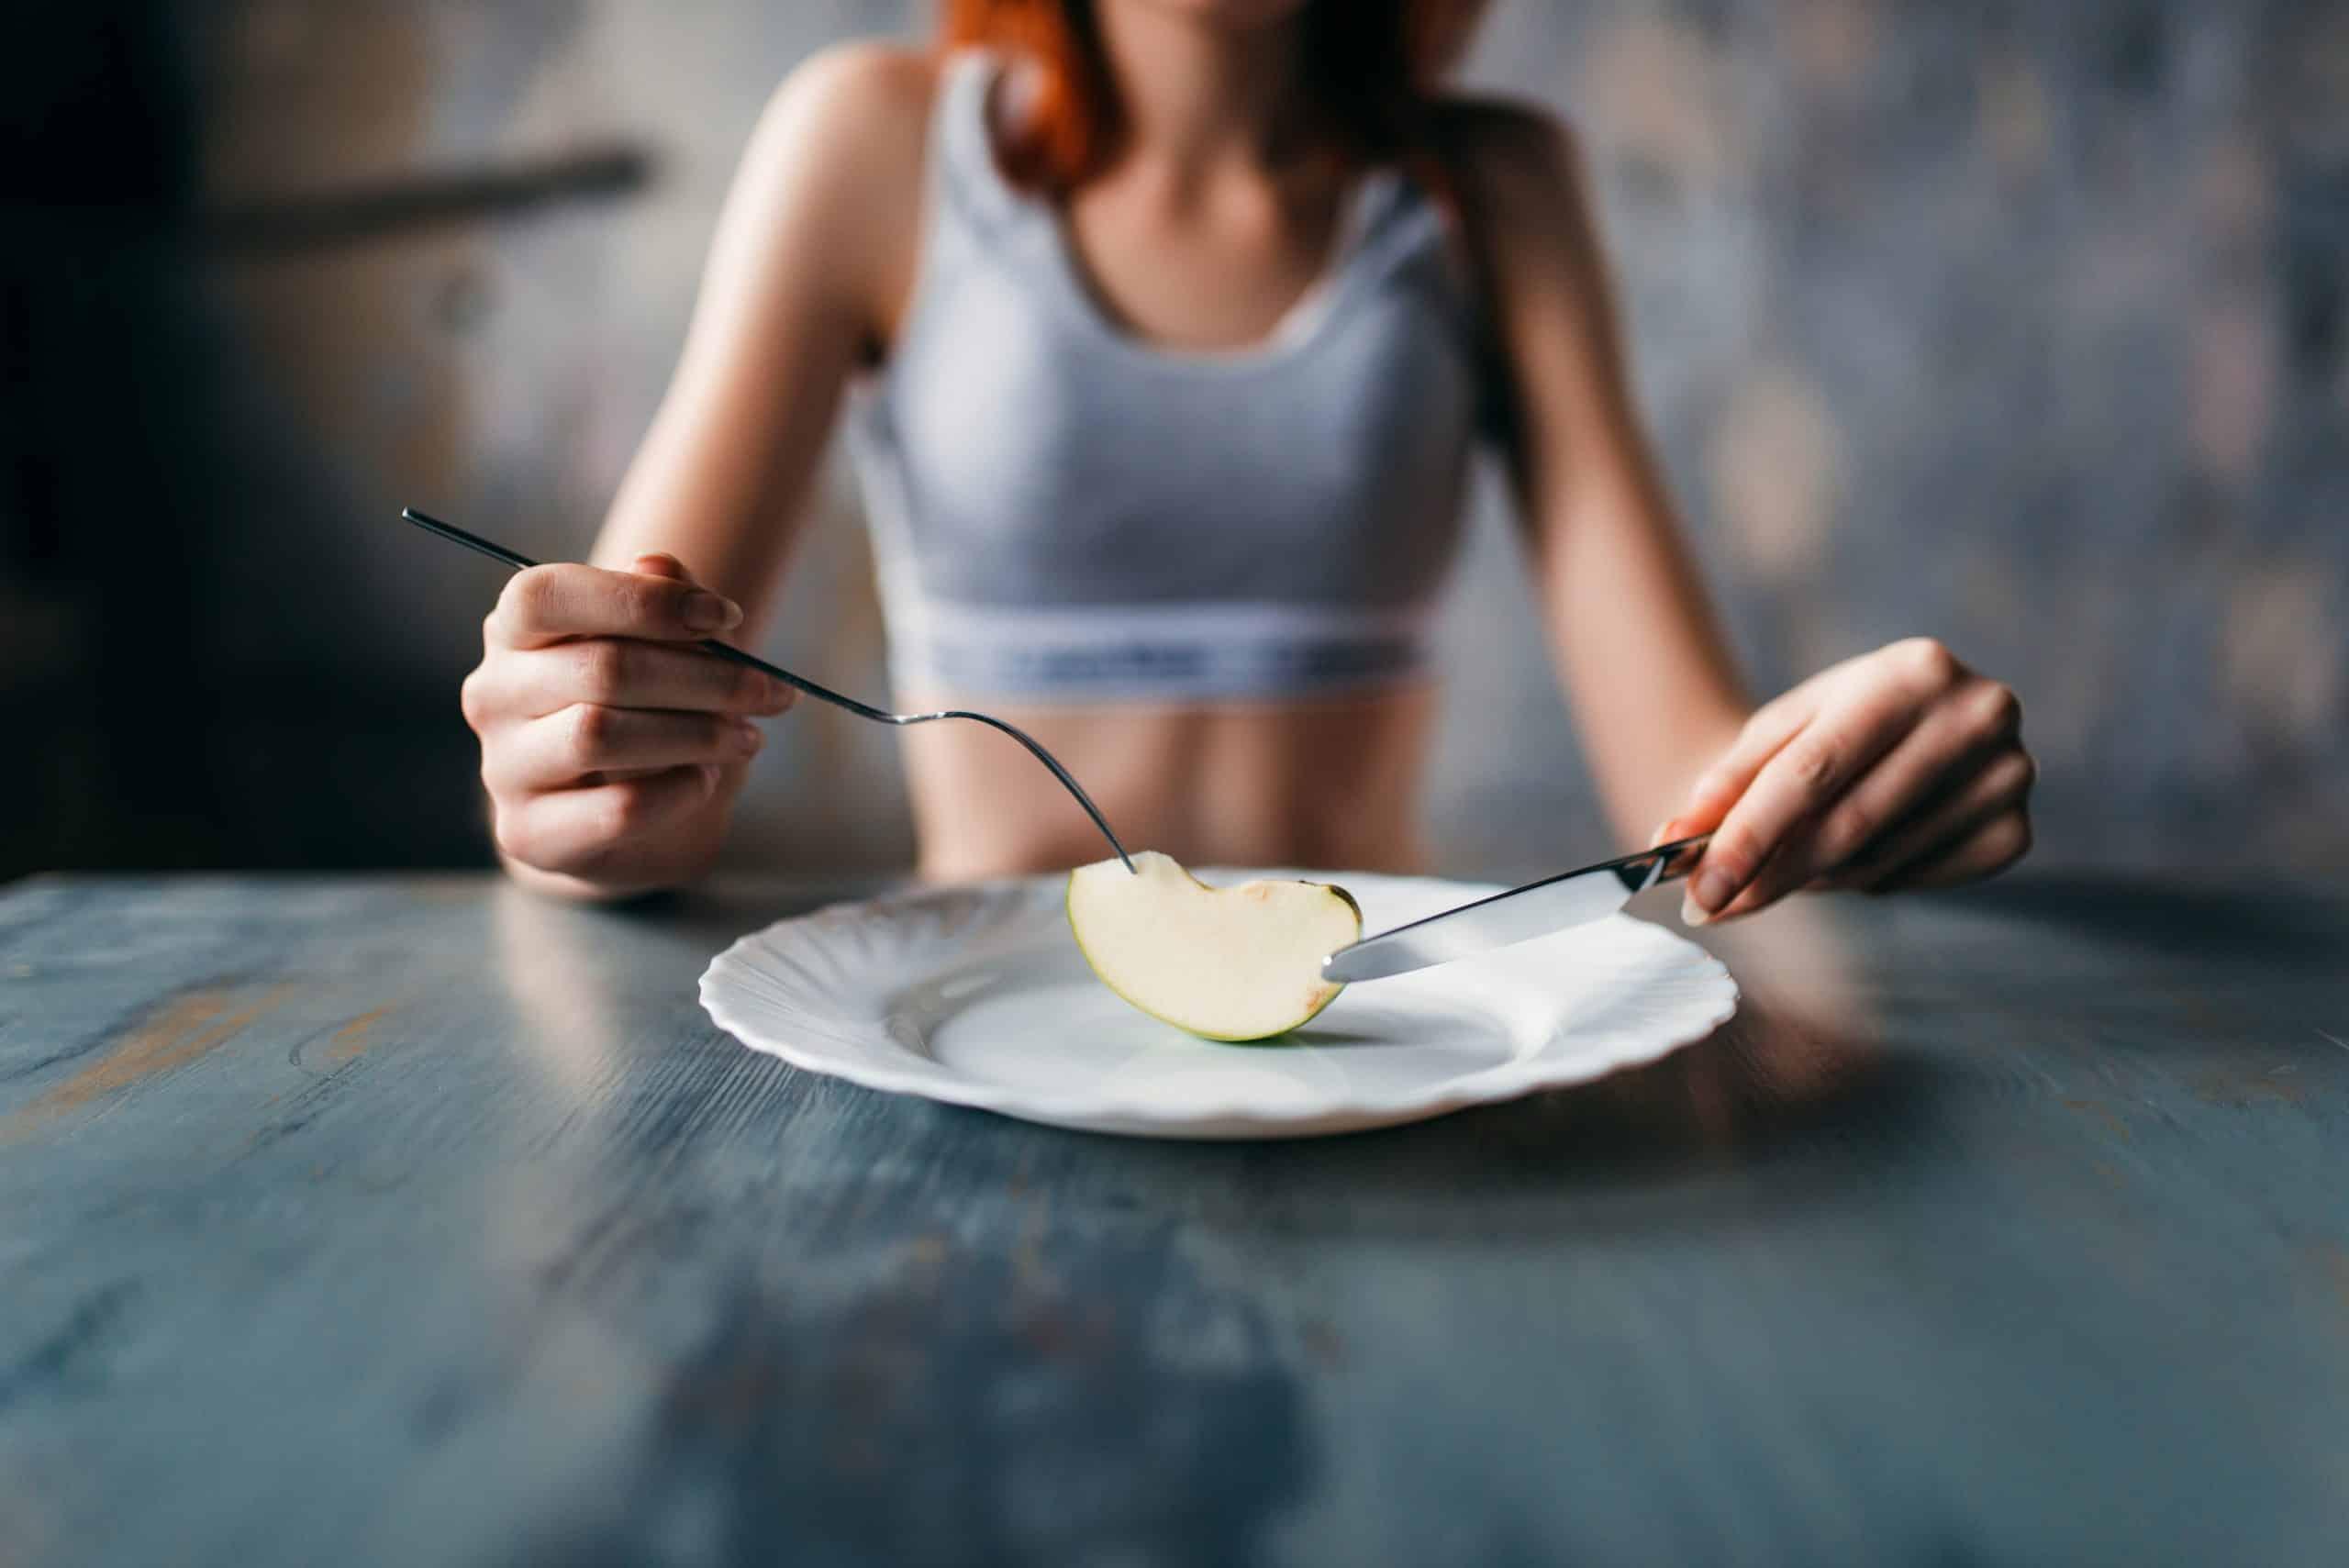 La pomme, aliment de l'anorexique